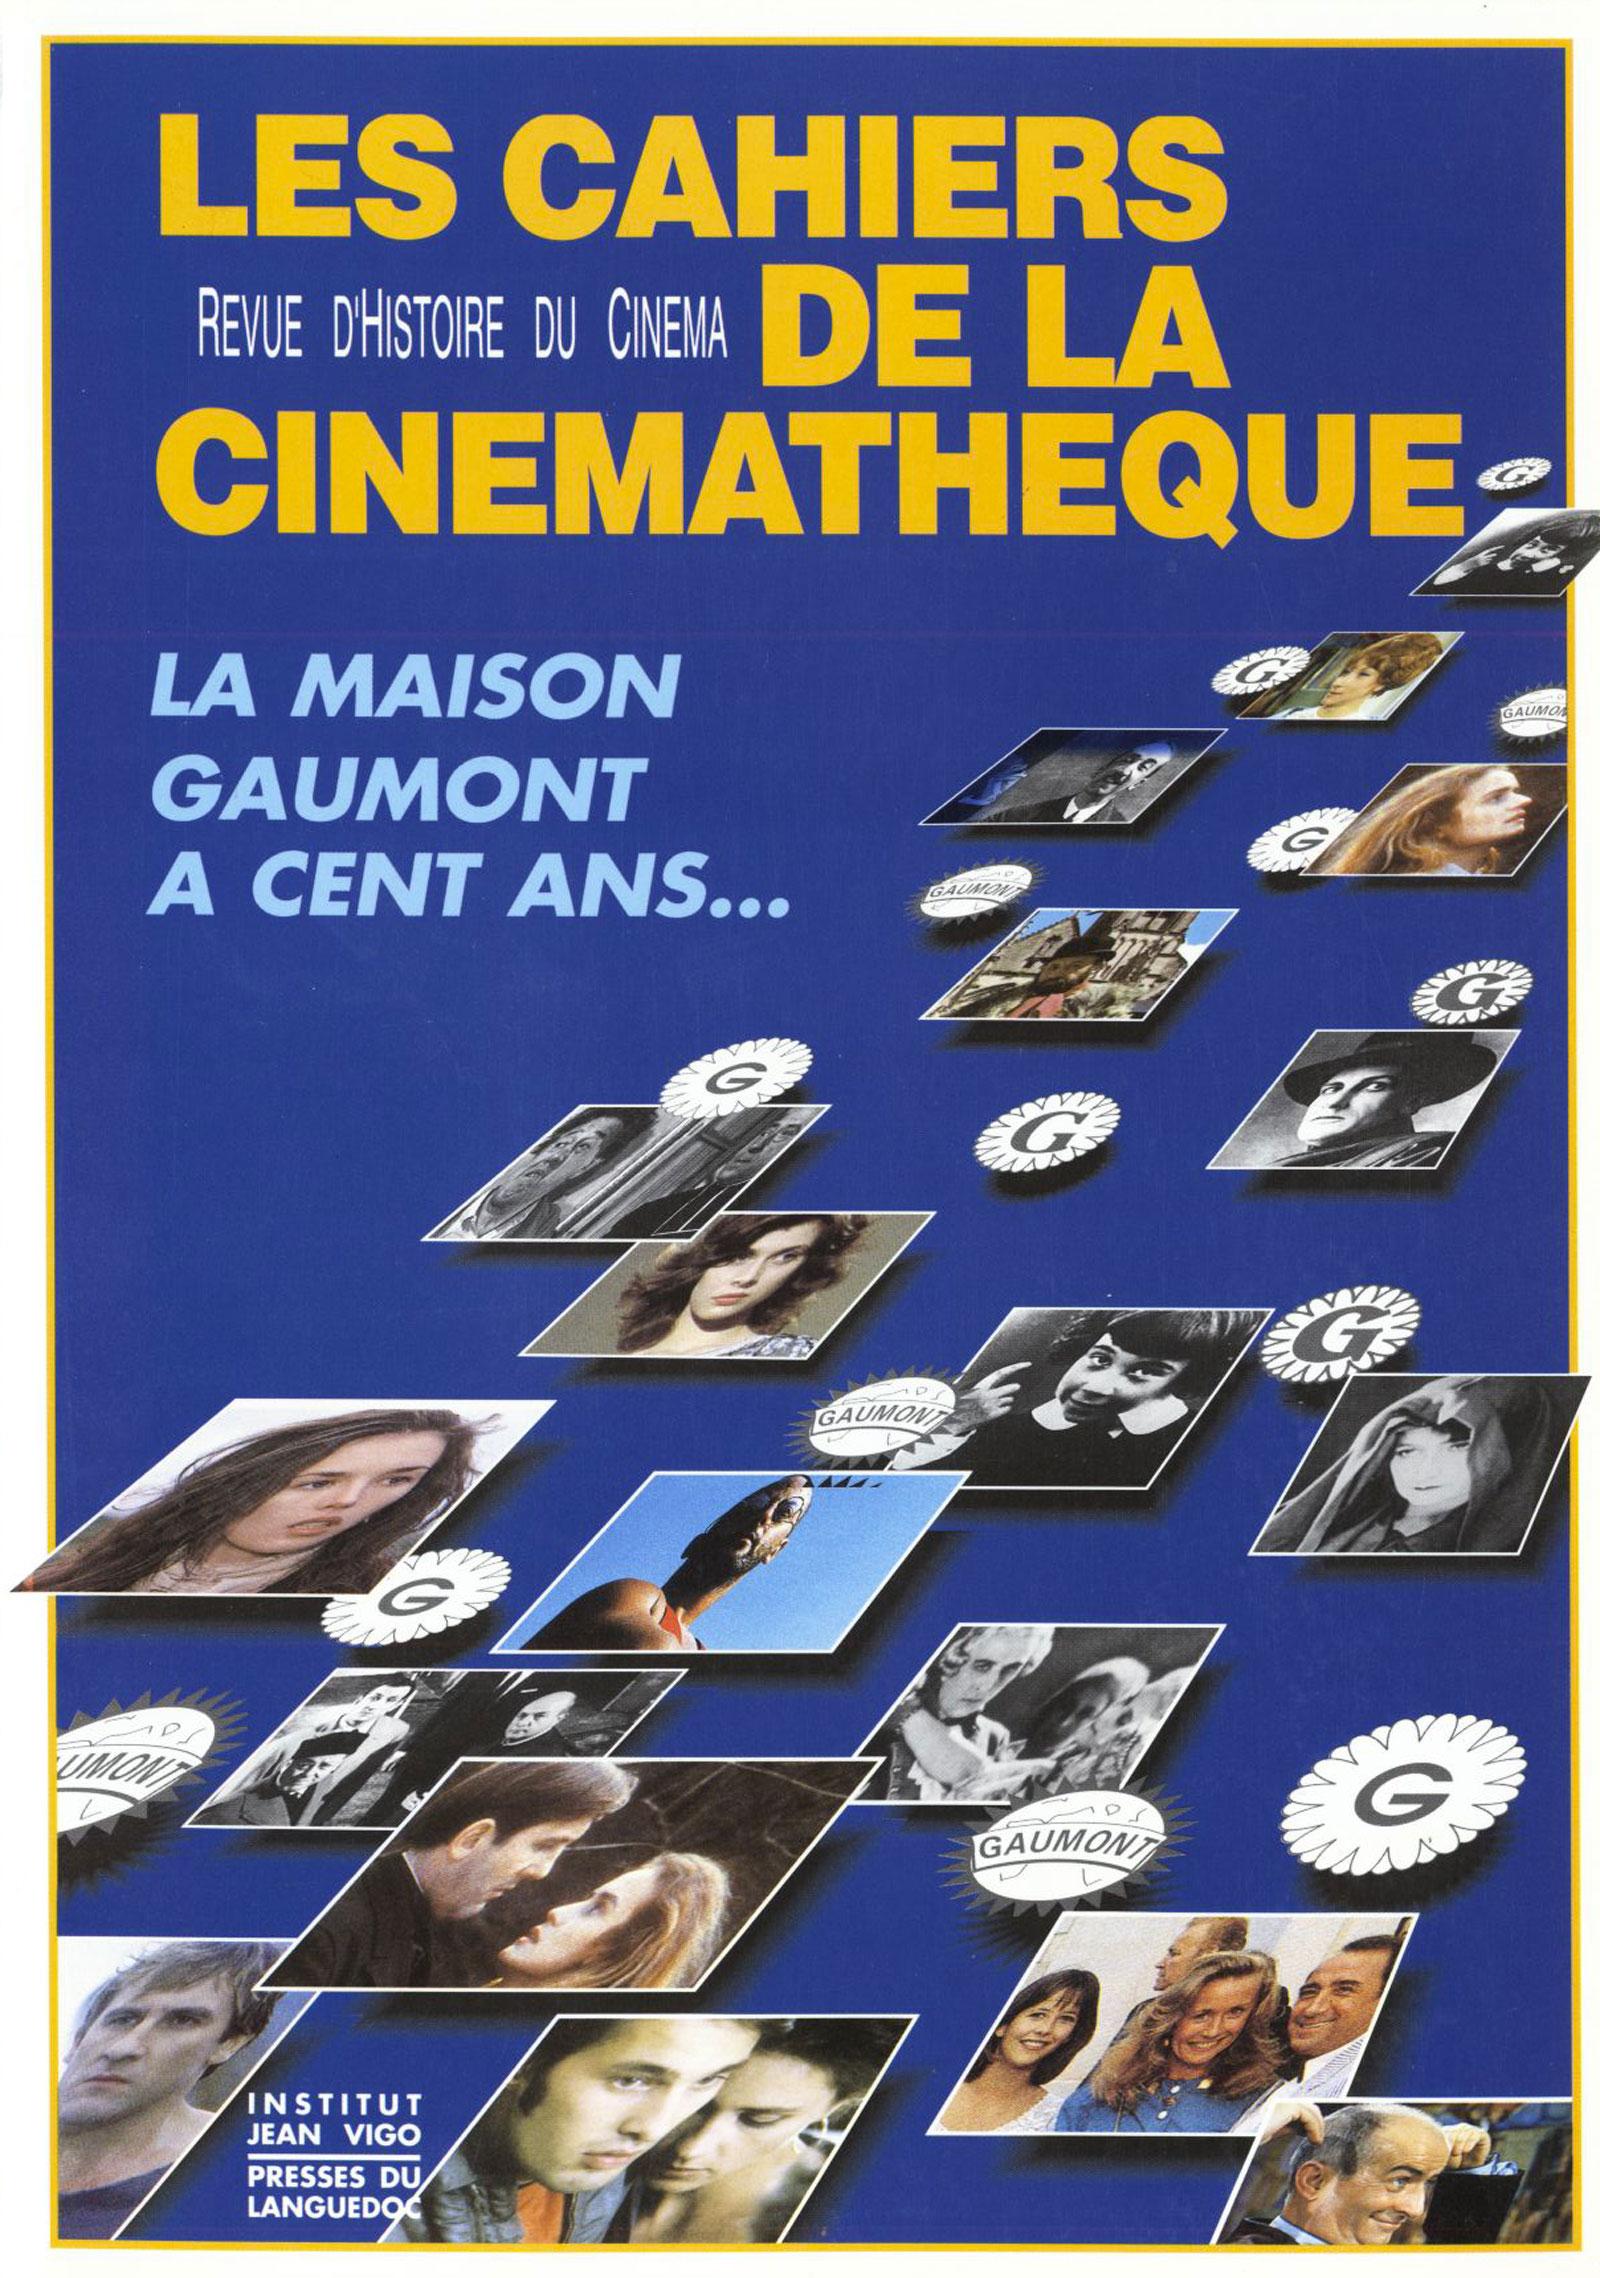 La maison gaumont cent ans institut jean vigo - Cinema a la maison ...